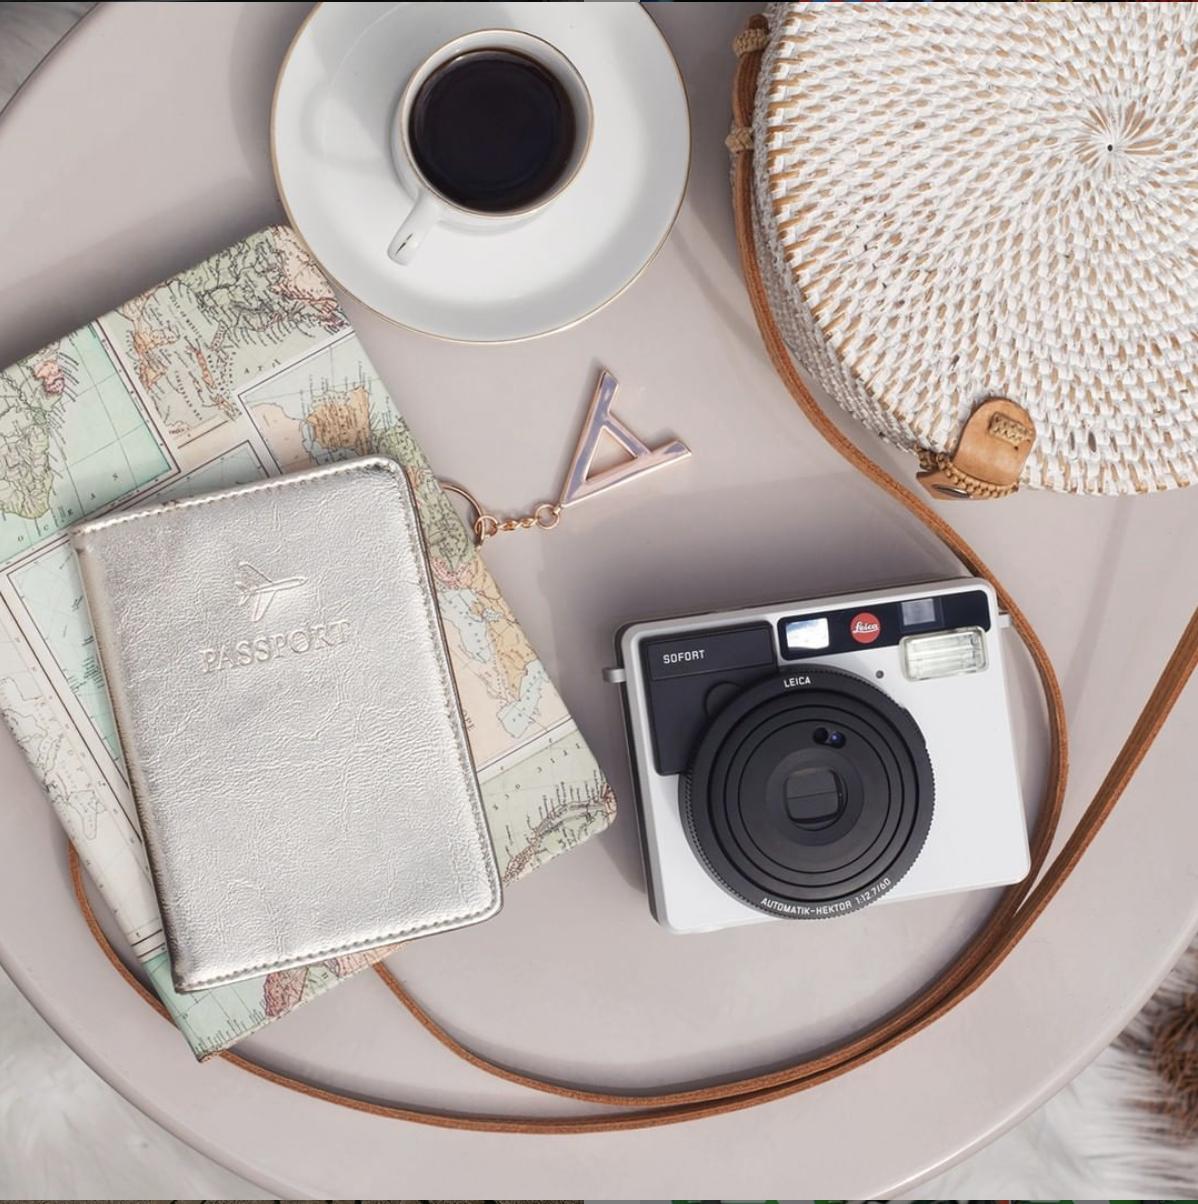 Leica Sofort Instant Camera | Photo Credit: Avene_Au/Instagram